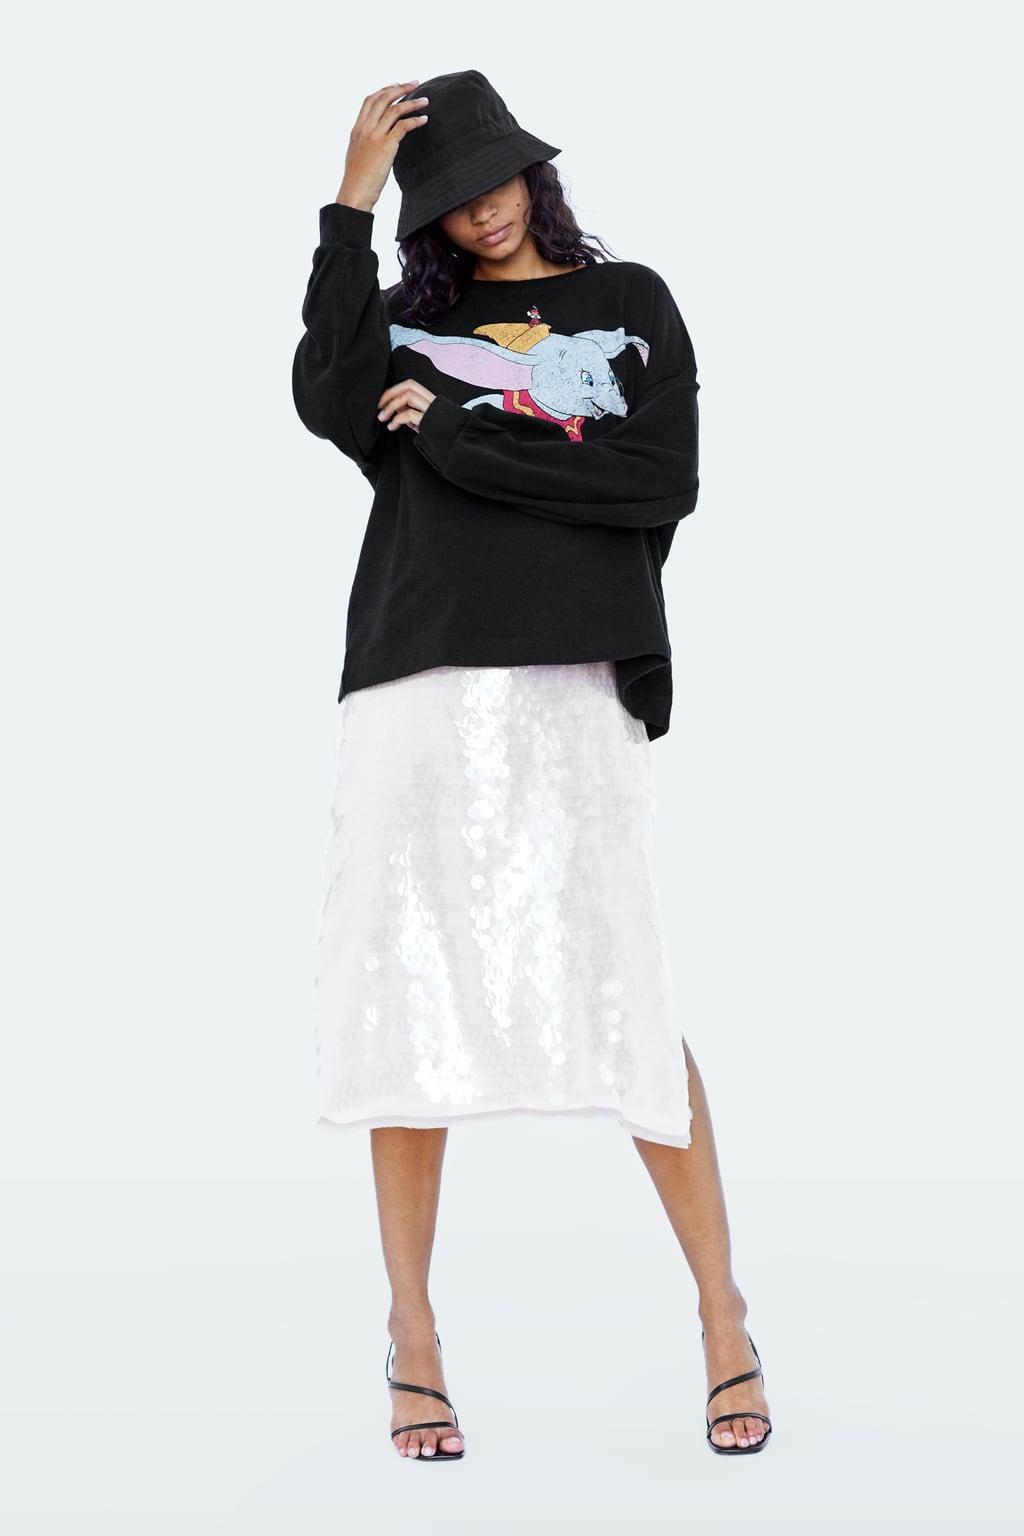 ©&Nbsp;Disney's Dumbo Sweatshirt  Mumwoman Corner Shops by Zara